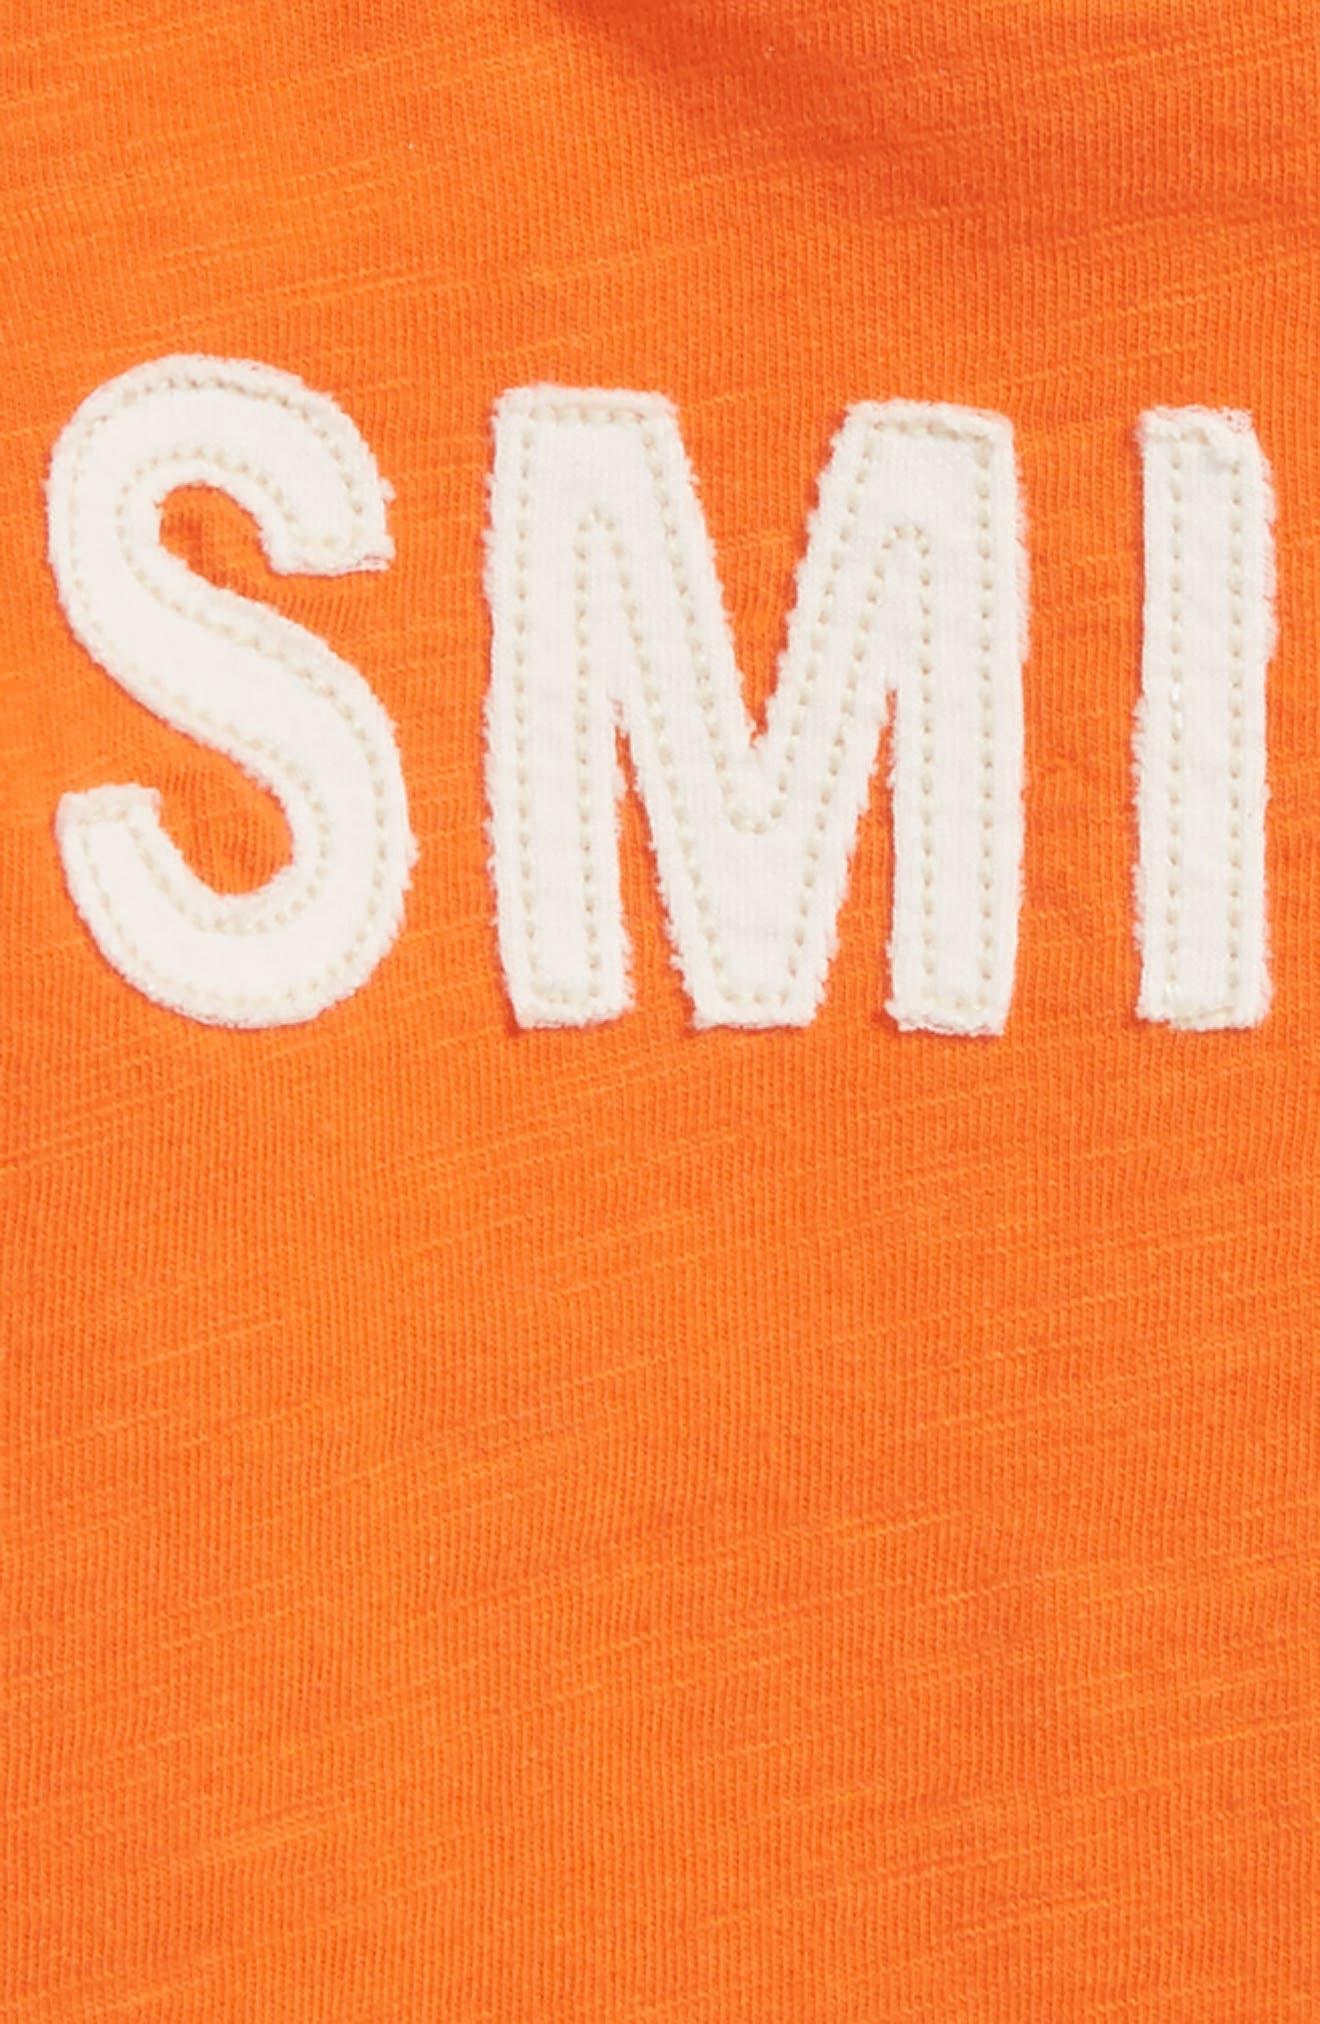 Smile Appliqué T-Shirt,                             Alternate thumbnail 2, color,                             Orange Lily Smiles